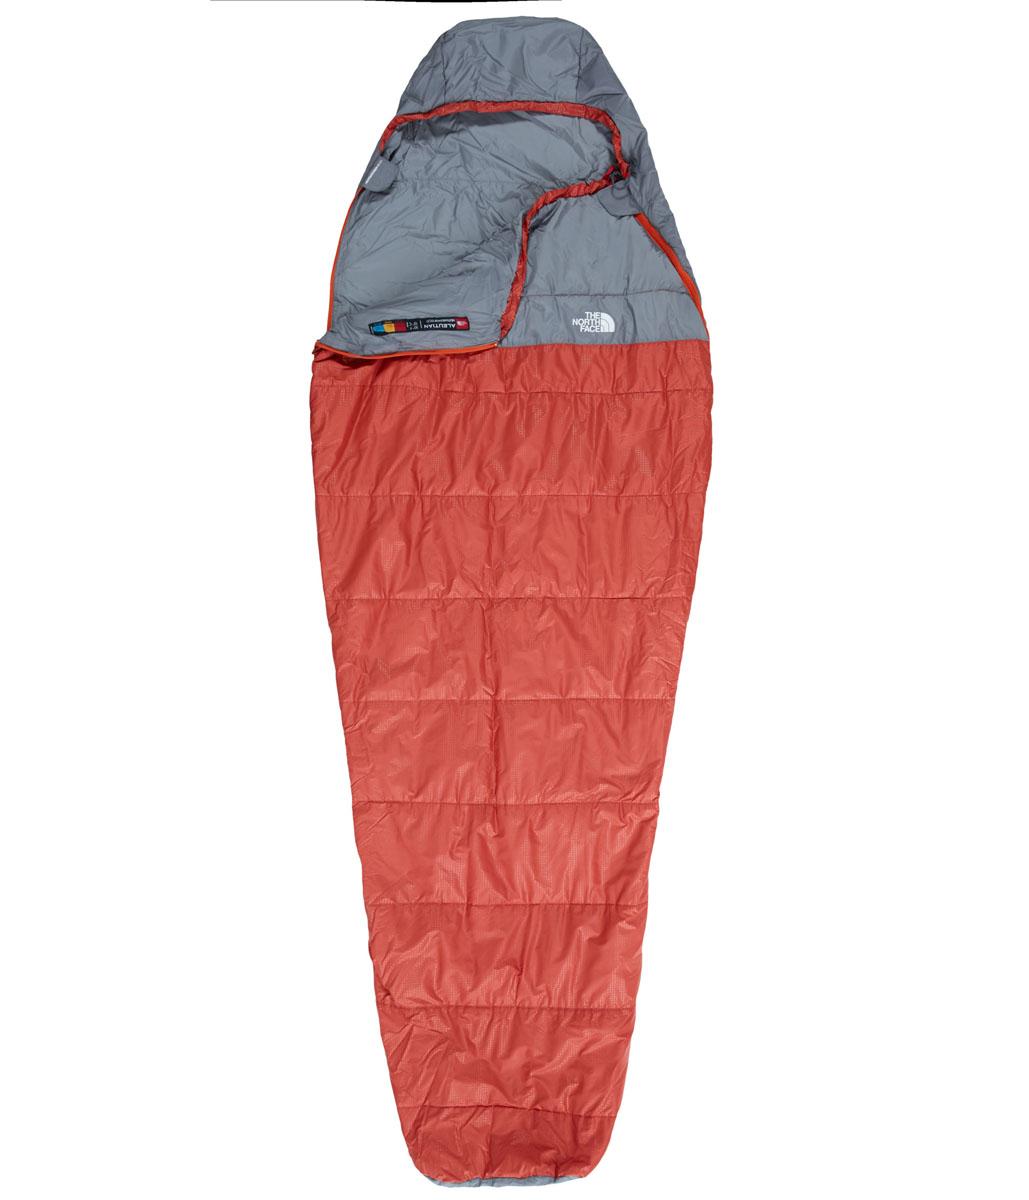 Мешок спальный The North Face Aleutian 50/10, левосторонняя/правосторонняя молния, 77 х 210 смT0A3A8M1RLH REGСпальный мешок The North Face Aleutian 50/10 - незаменимая вещь для любителей уюта и комфорта во время активного отдыха. Прекрасно подходит для прохладной погоды, его можно целиком расстегнуть и расстелить в качестве пола в палатке. Спальный мешок закрывается на двустороннюю застежку-молнию. Этот спальный мешок очень вместительный, универсальный, теплый, комфортный и при этом практичный. Спальный мешок упакован в удобный чехол для переноски.